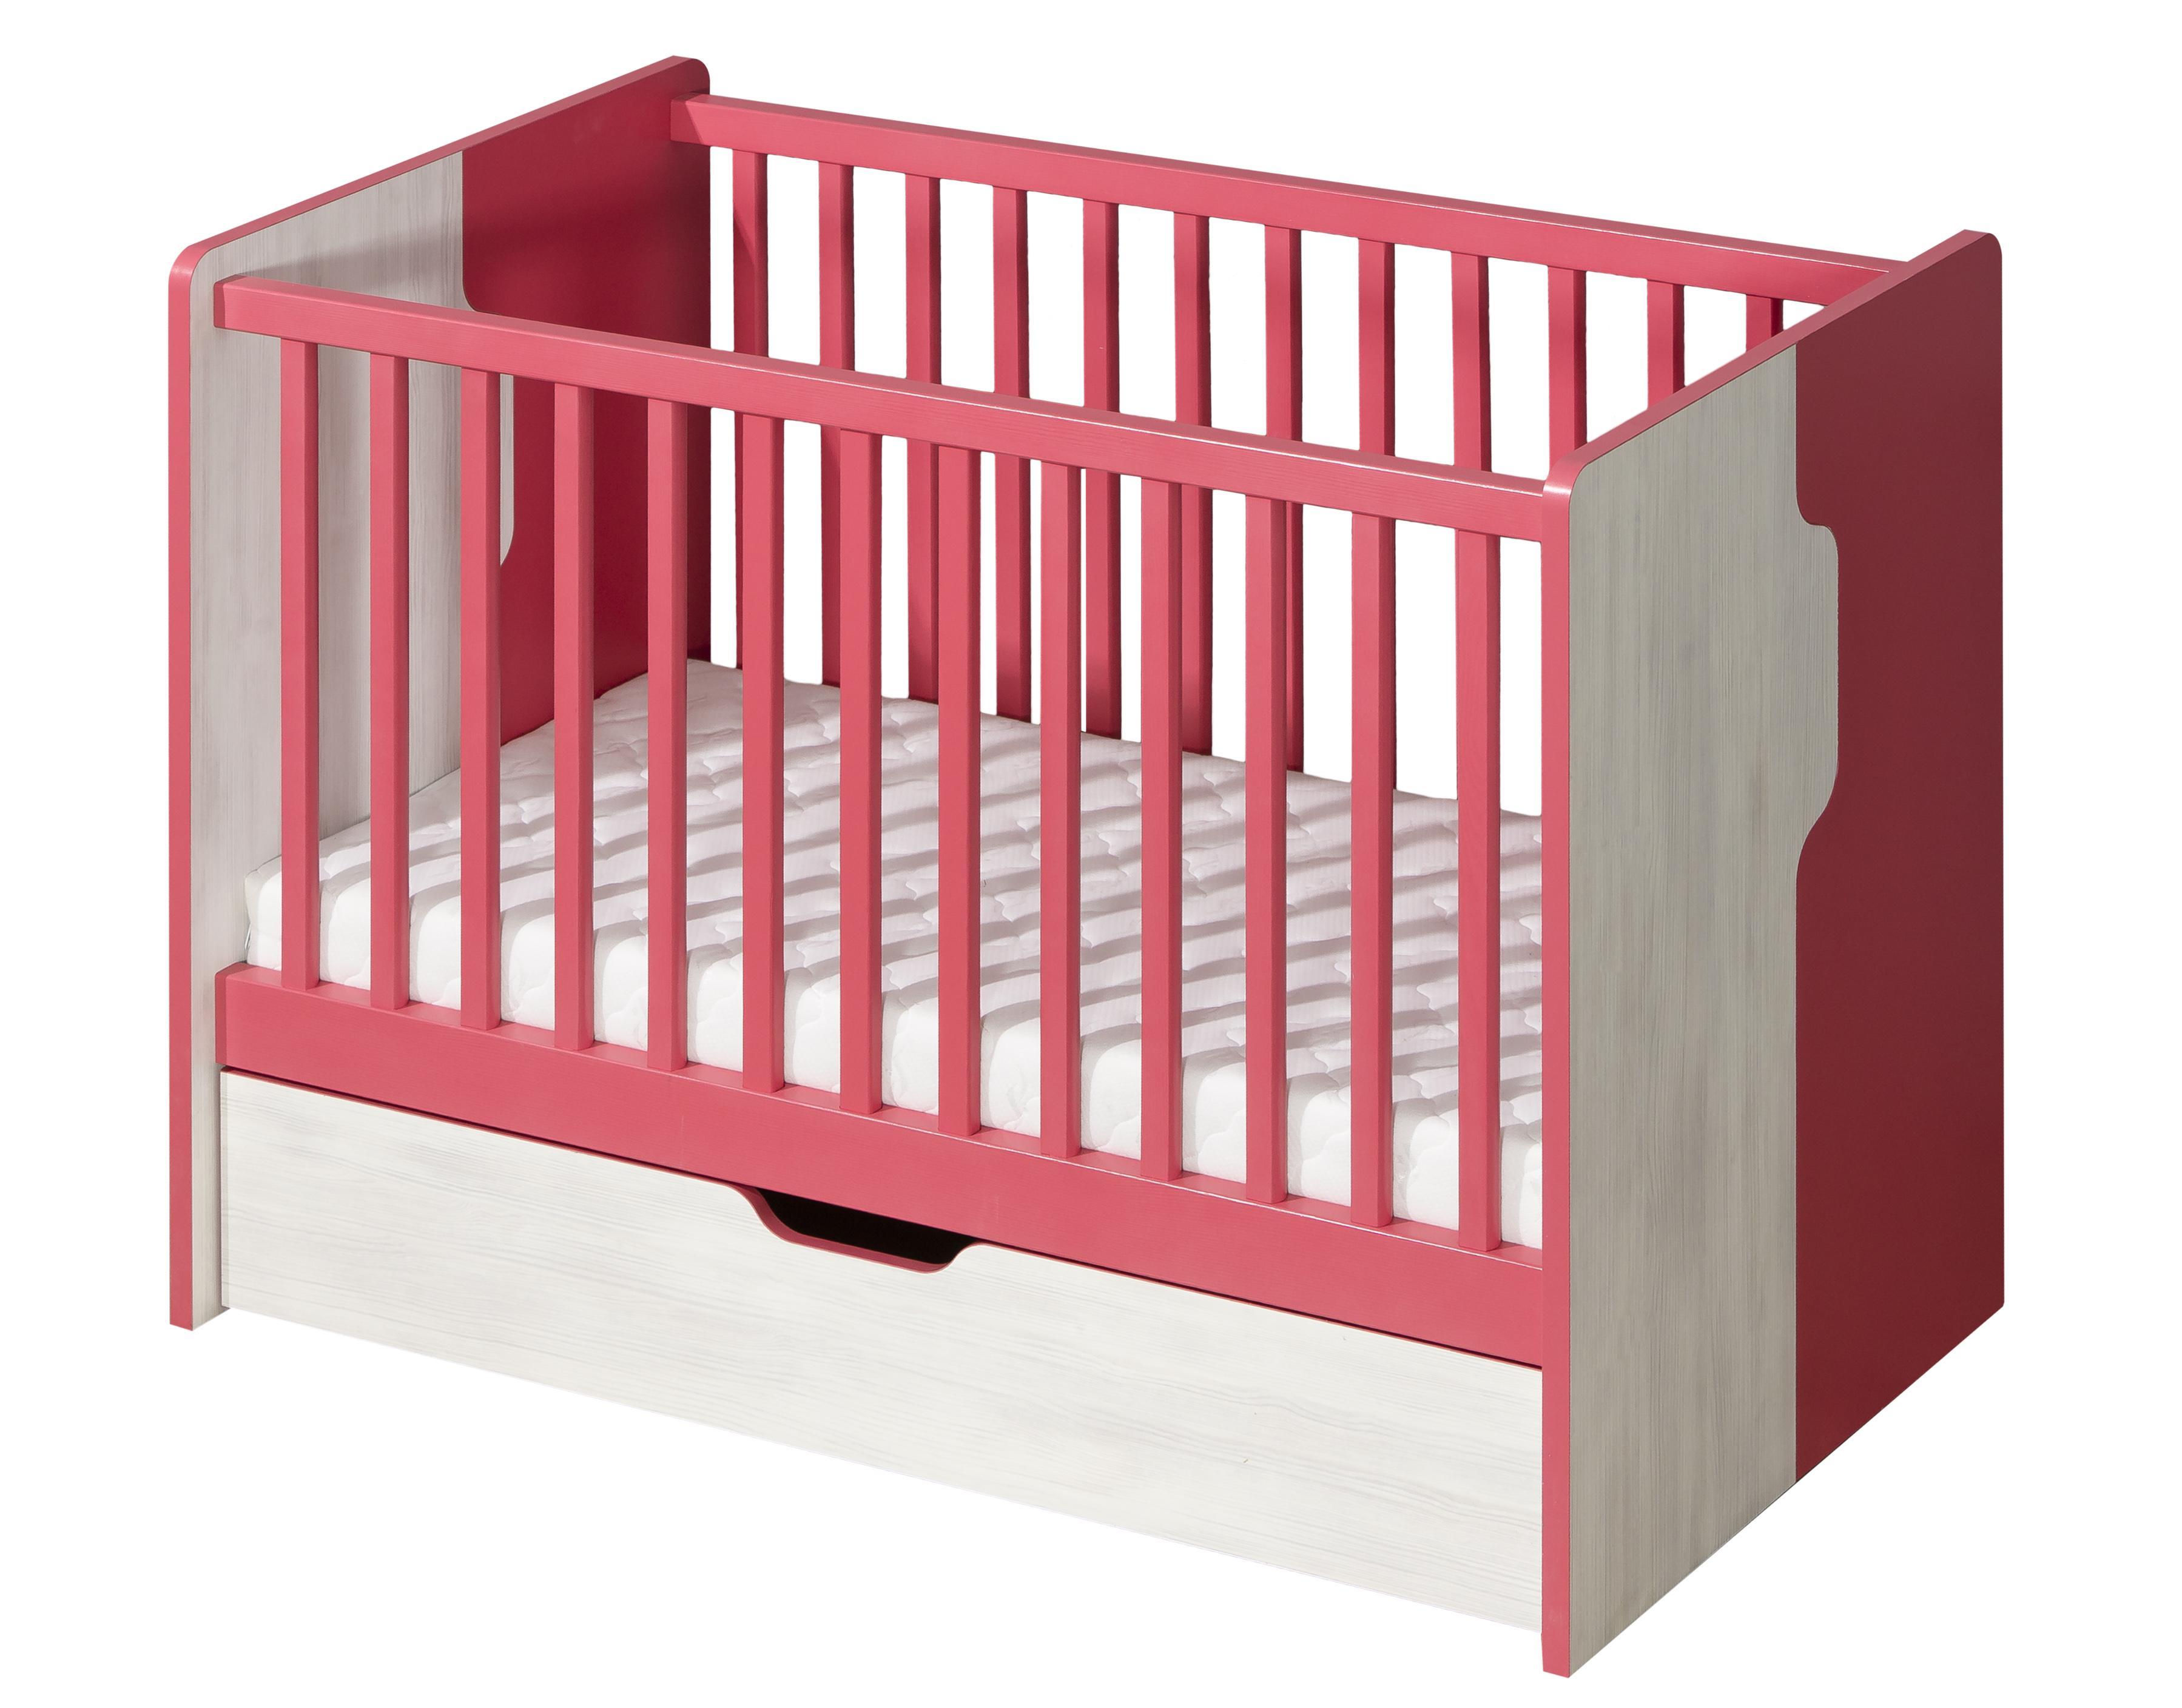 Dětská postel - Neko - NU10 (s roštem a úl. prostorem)